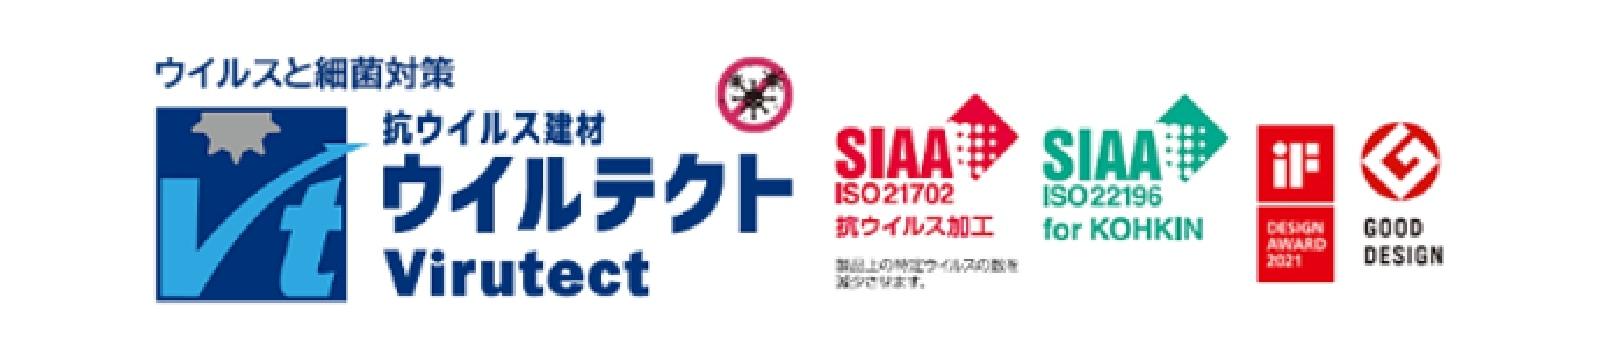 抗ウイルス建材ウイルテクト、SIAA抗ウイルス加工、SIAA KOUKIN、GOOD DESIGN2021のロゴ